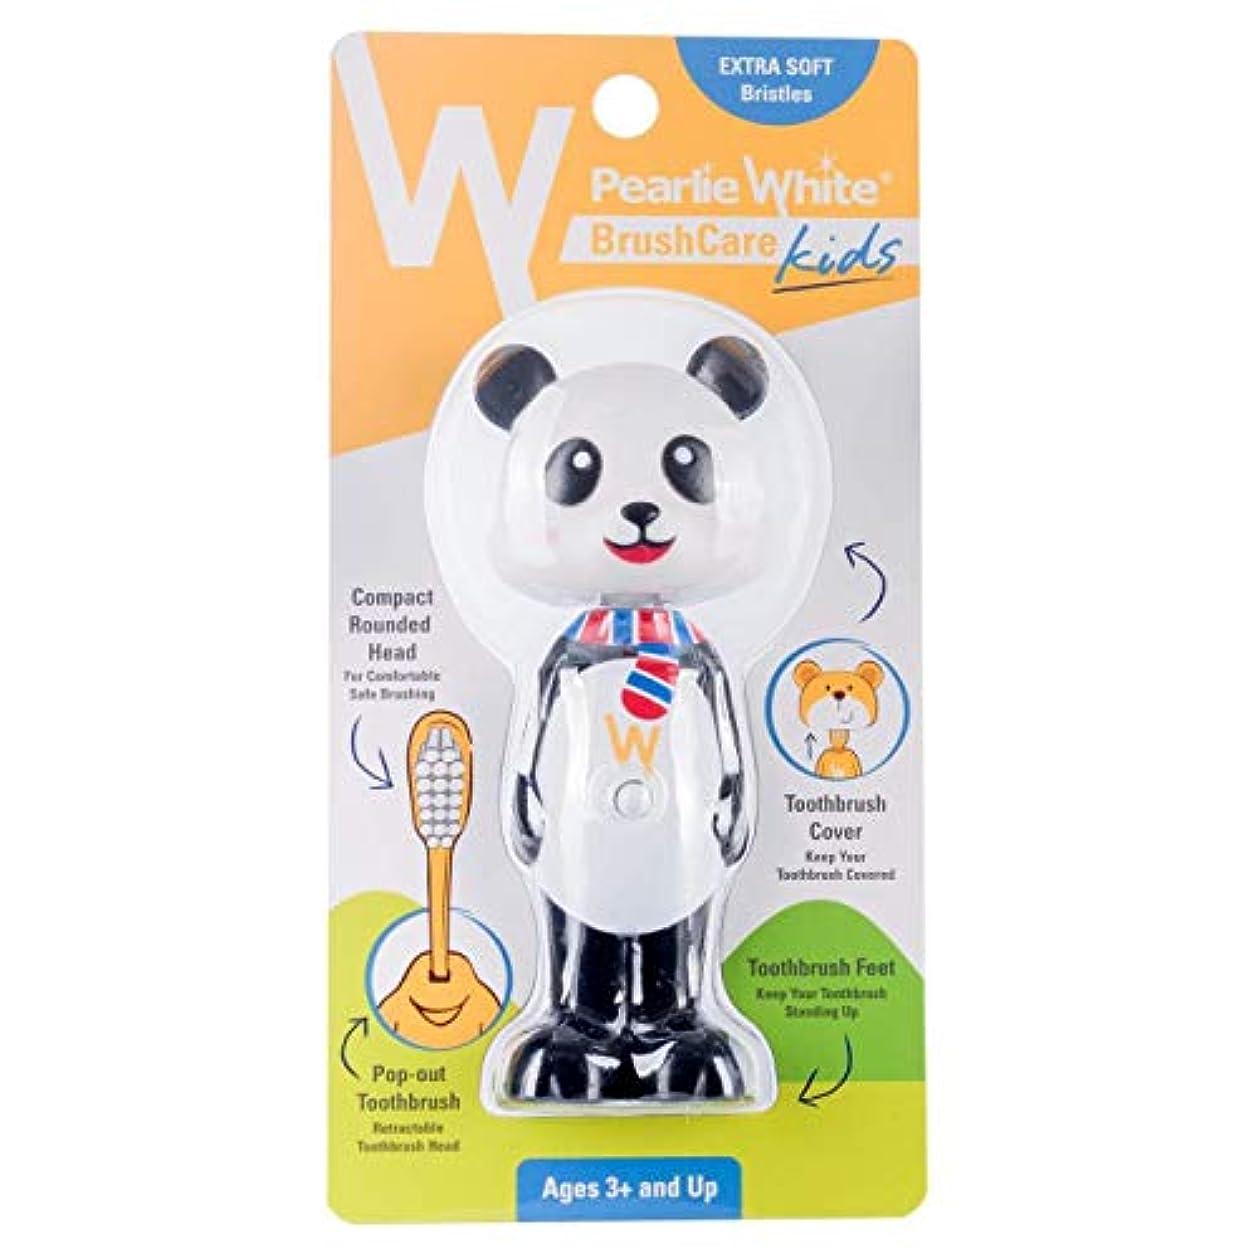 シェアチャペル確認Pearlie White(パーリーホワイト) パーリーホワイト ブラシケア キッズ PANDA(パンダ) 1本